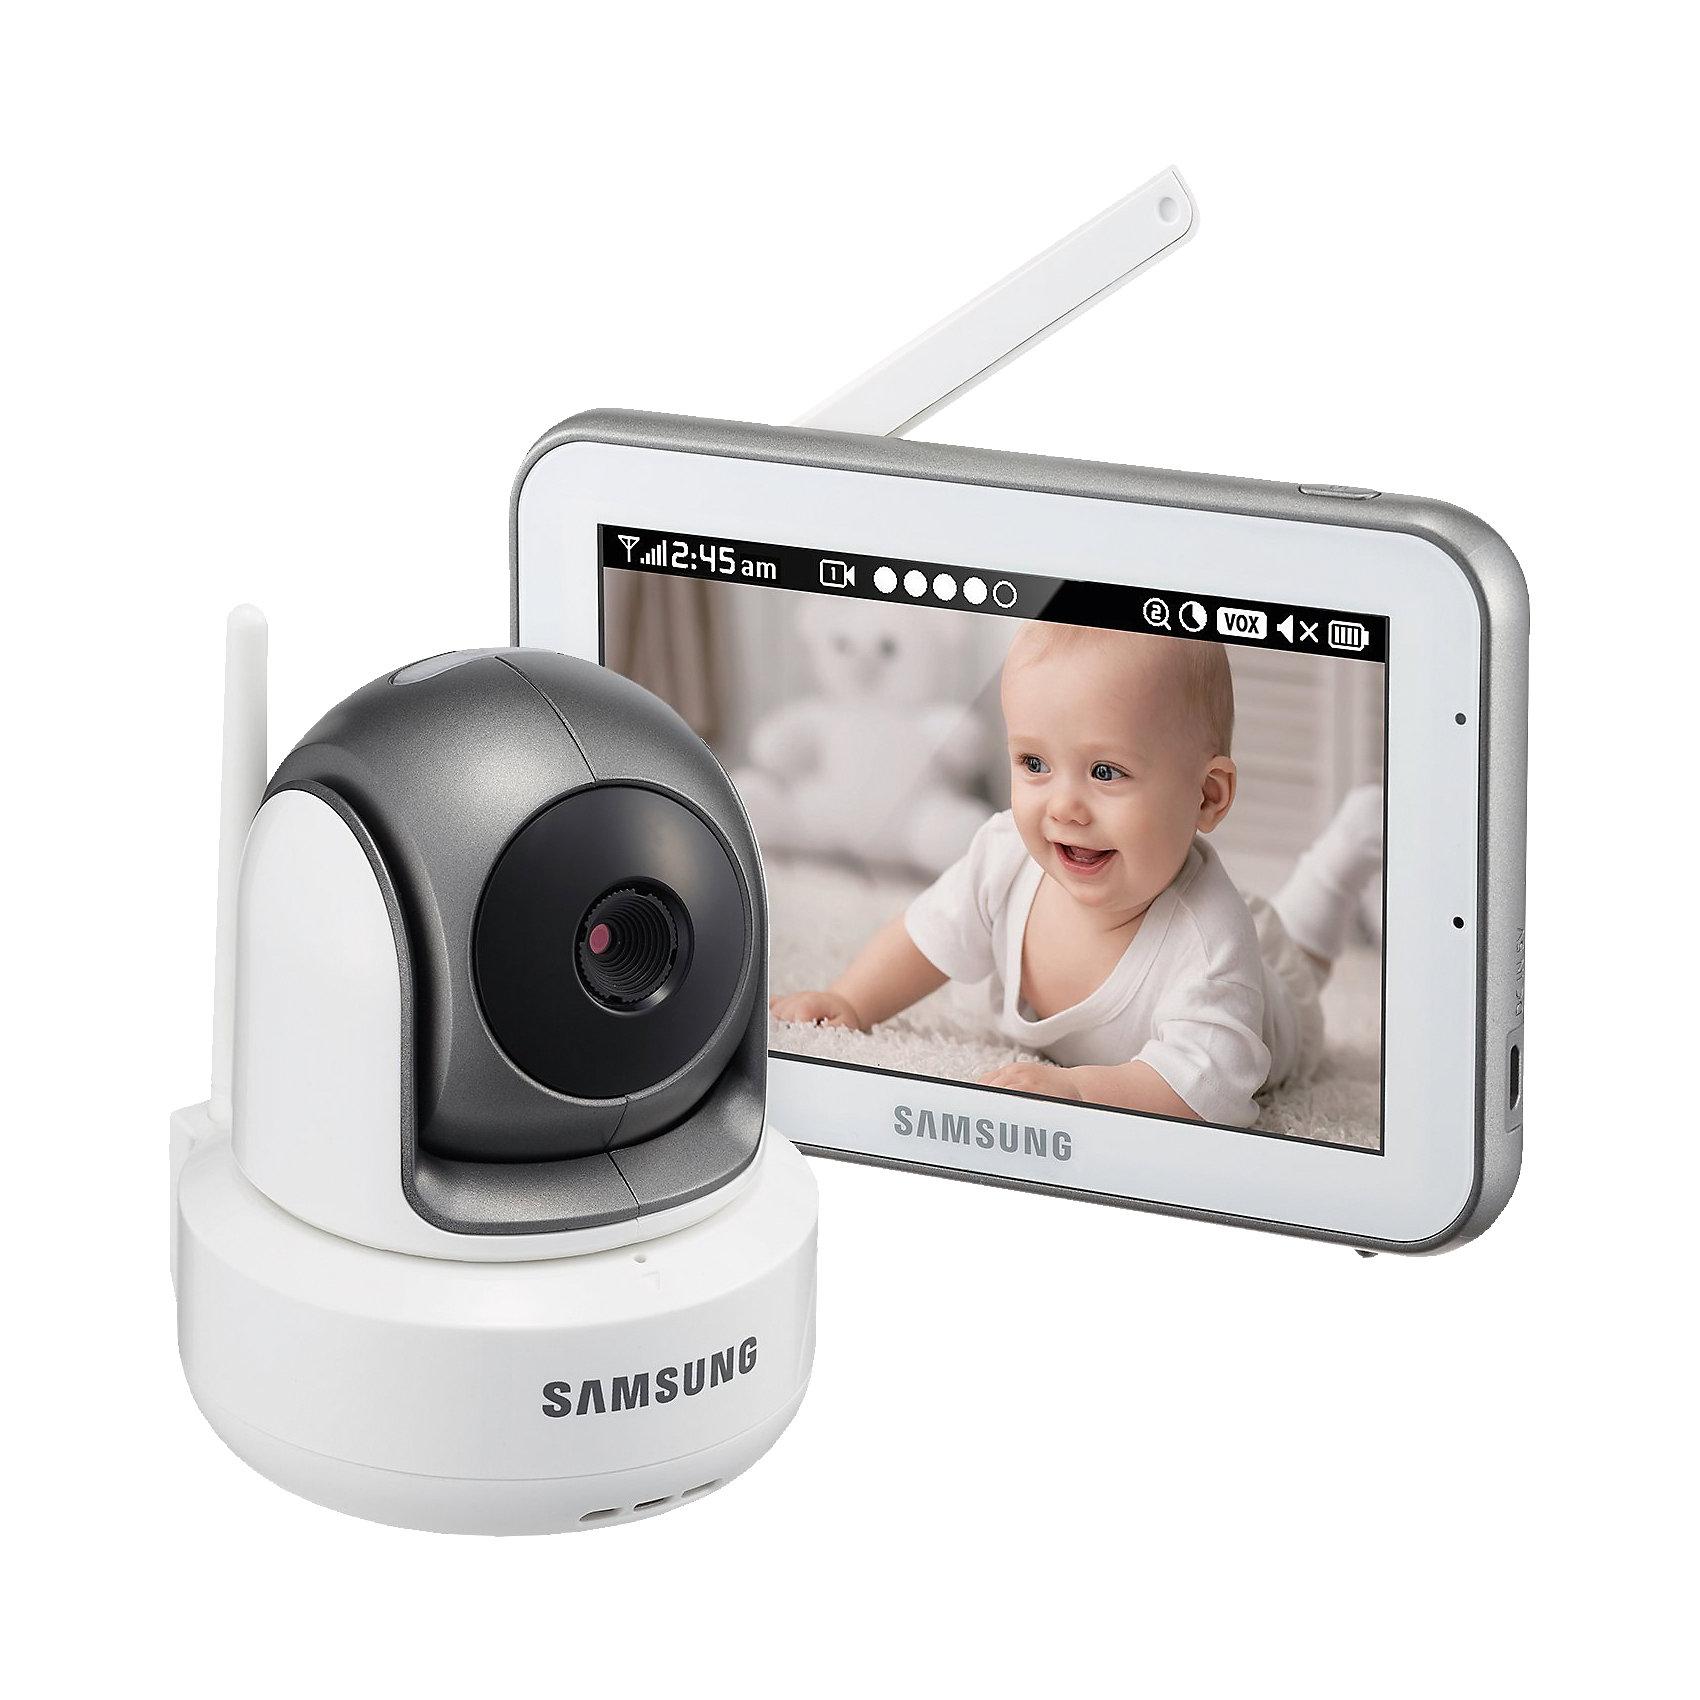 Samsung Видеоняня  с поворотной камерой Sew-3043, Samsung монитор 7 дюймов сенсорный